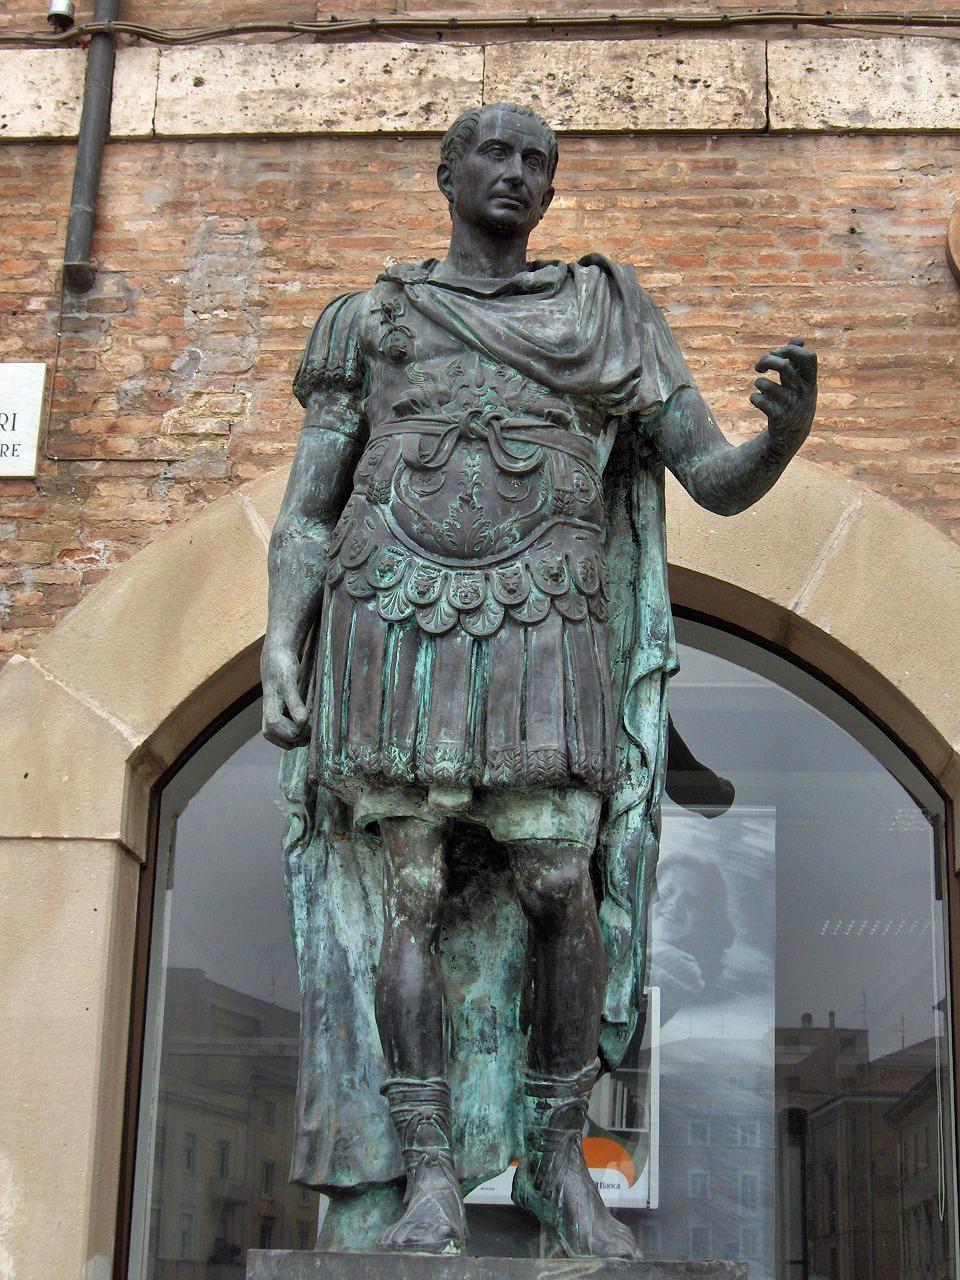 Nawet jak na starożytne standardy Juliusz Cezar wykazywał się bezprecedensową brutalnością. Na ilustracji posąg Cezara w Romini (fot. Georges Jansoone; lic. CC BY-SA 4.0).